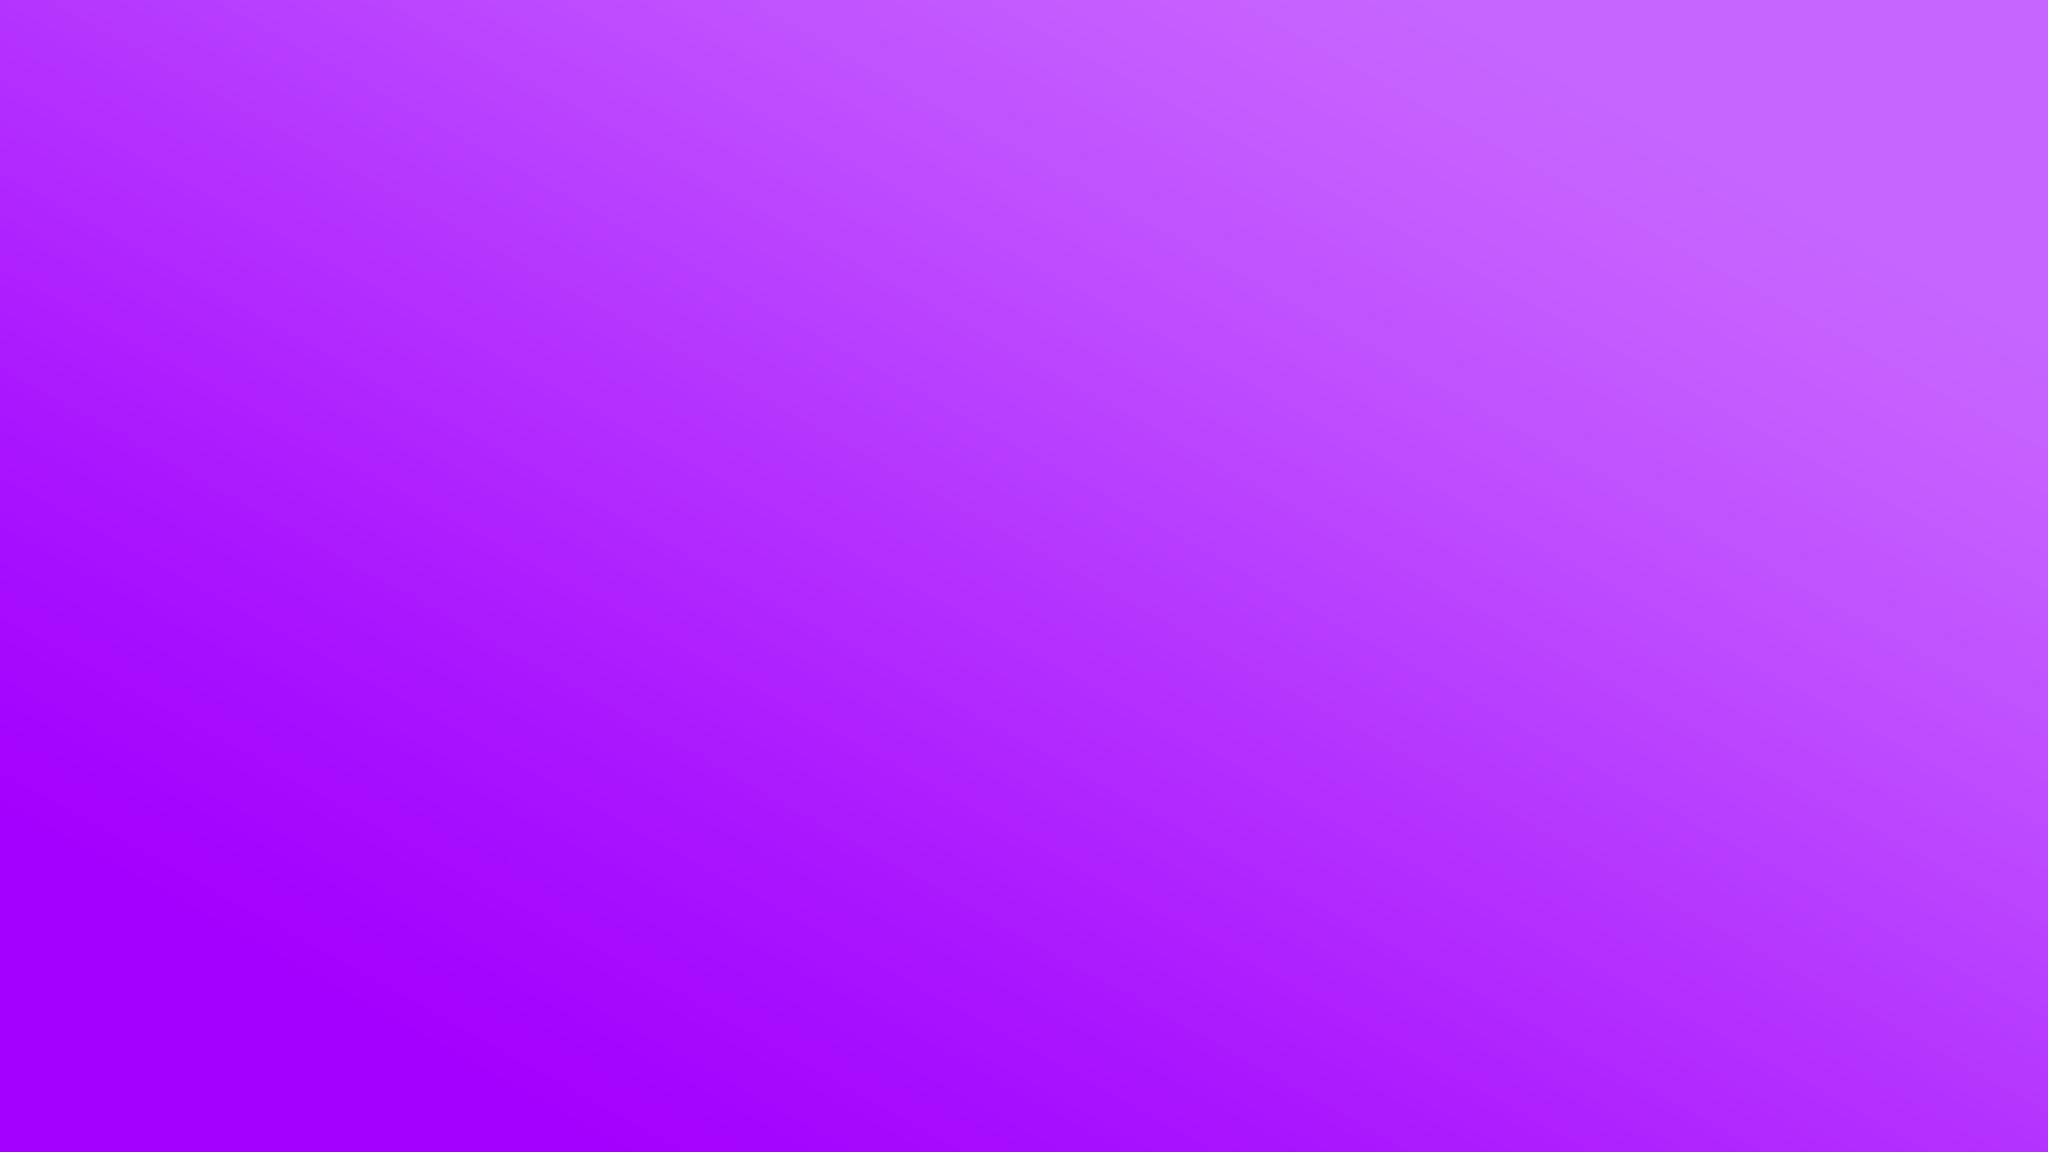 Днем, картинки фиолетовый фон без рисунка